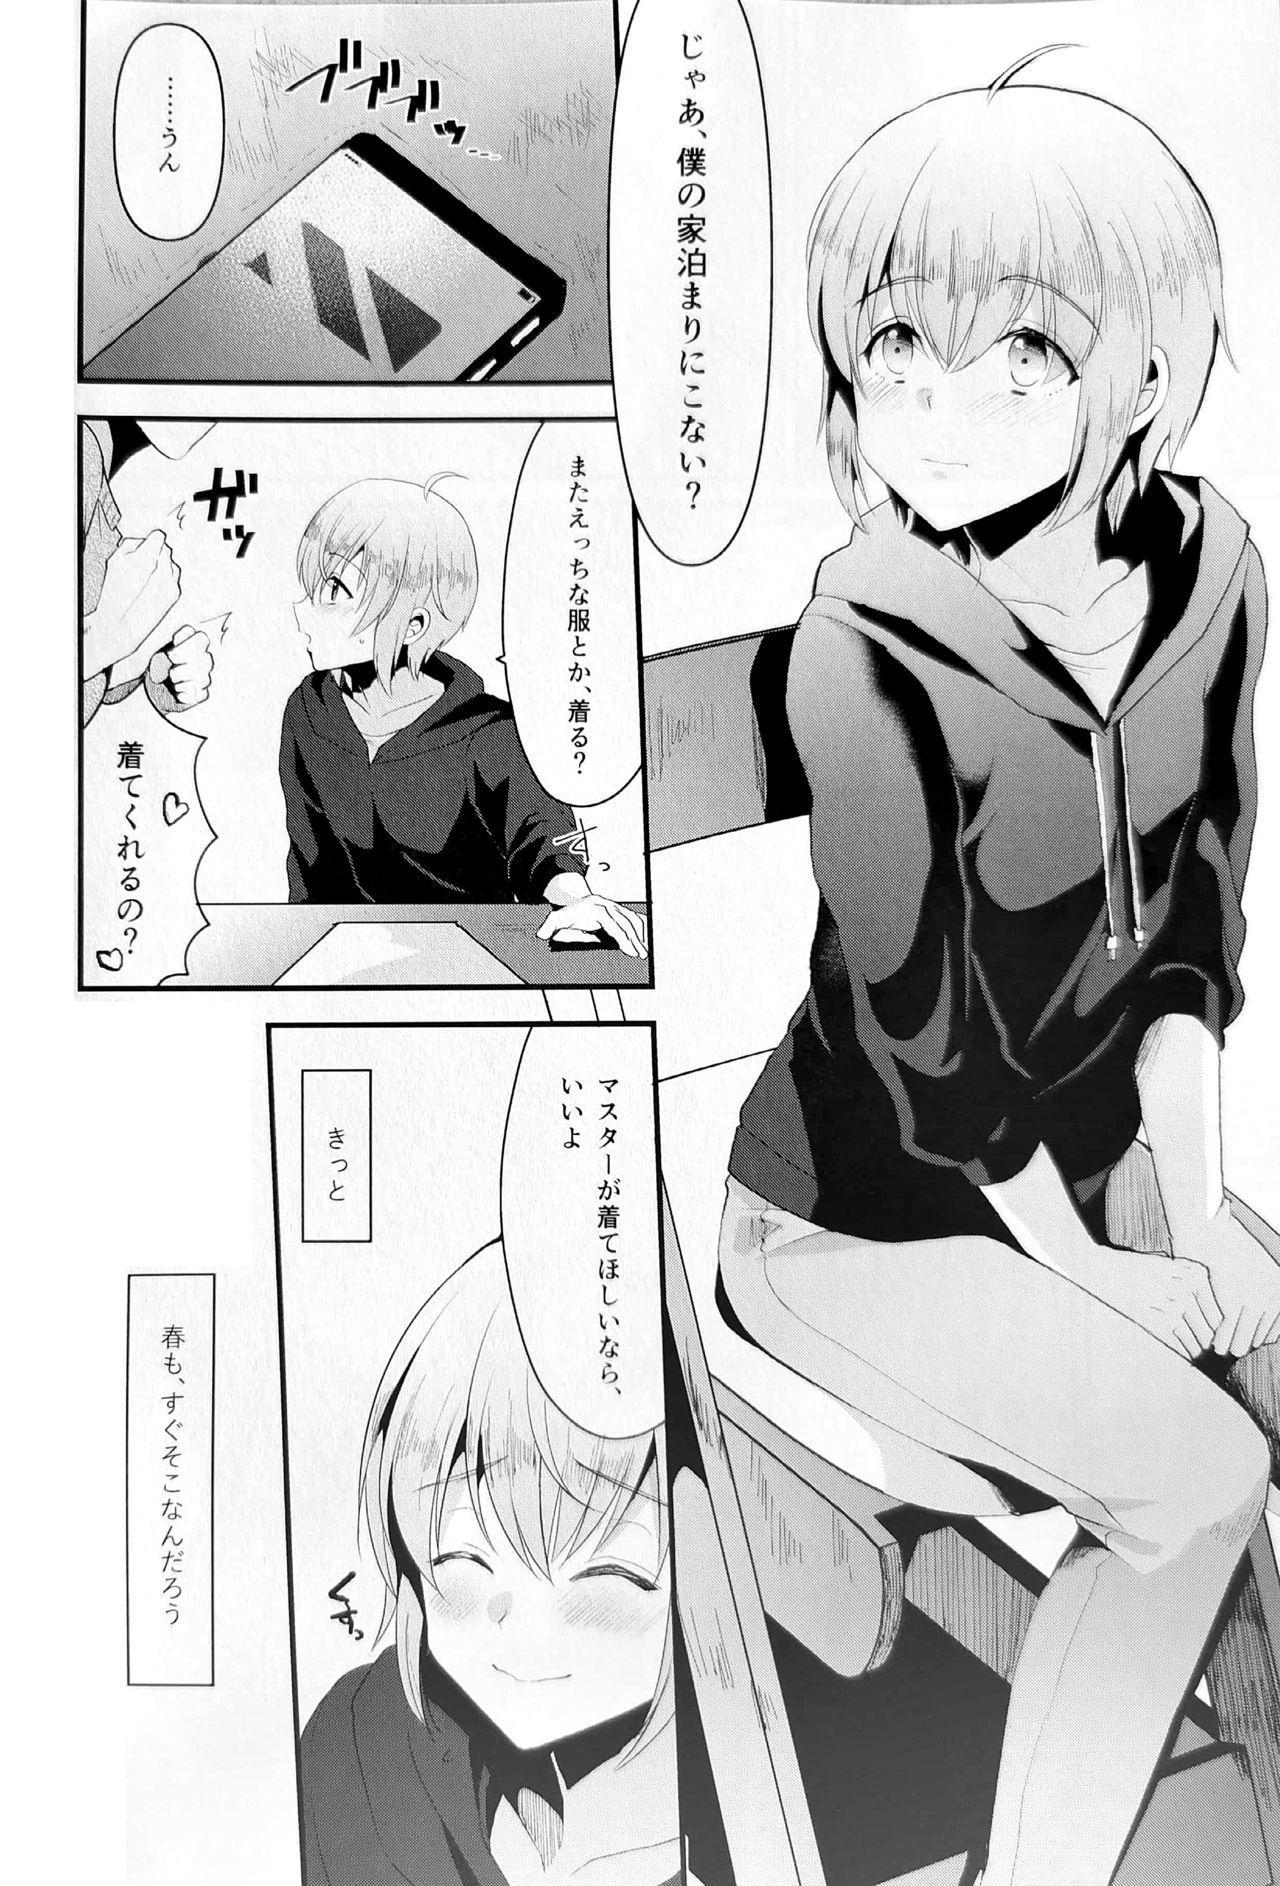 Kimi no Kareshi ni Naru Hazu datta. 5 4